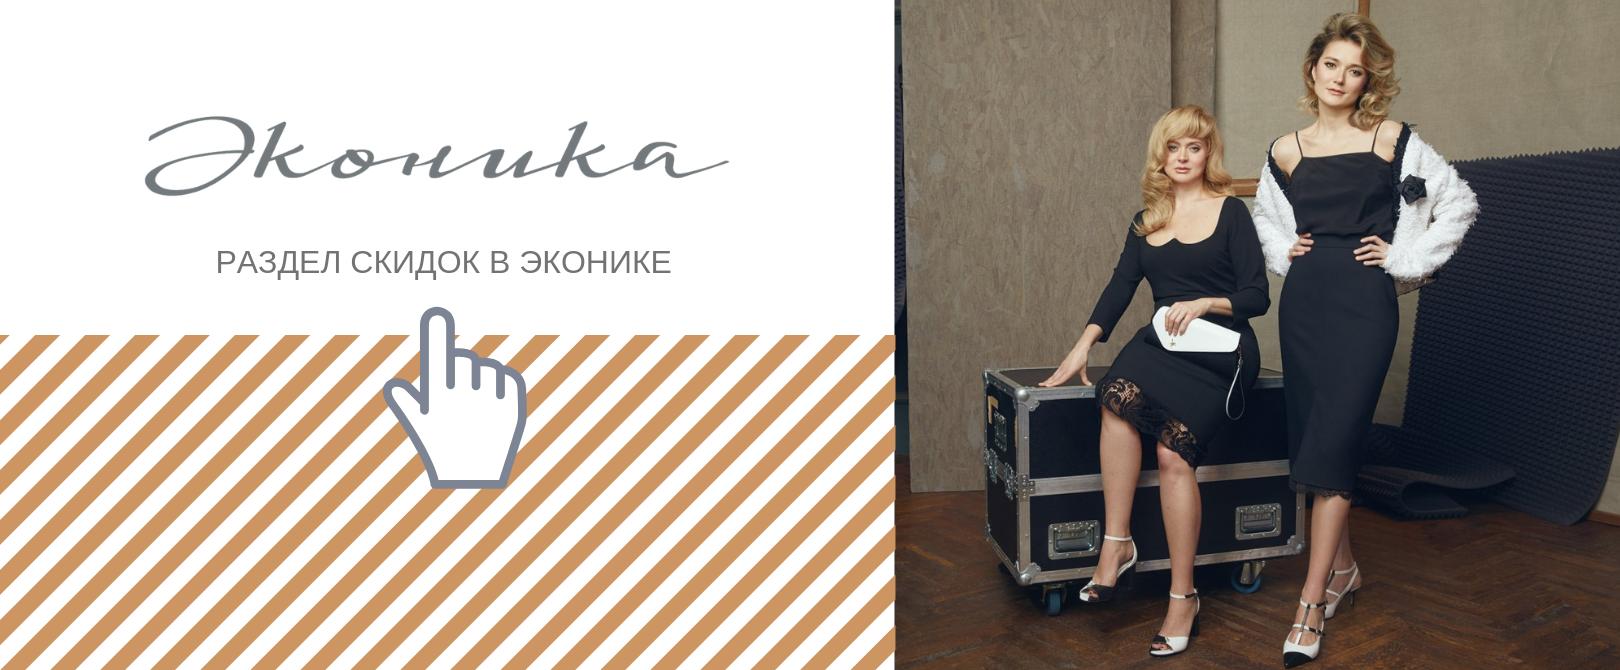 cc152fcd5 Эконика - интернет-магазин обуви, сумок официальный сайт ECONIKA.RU